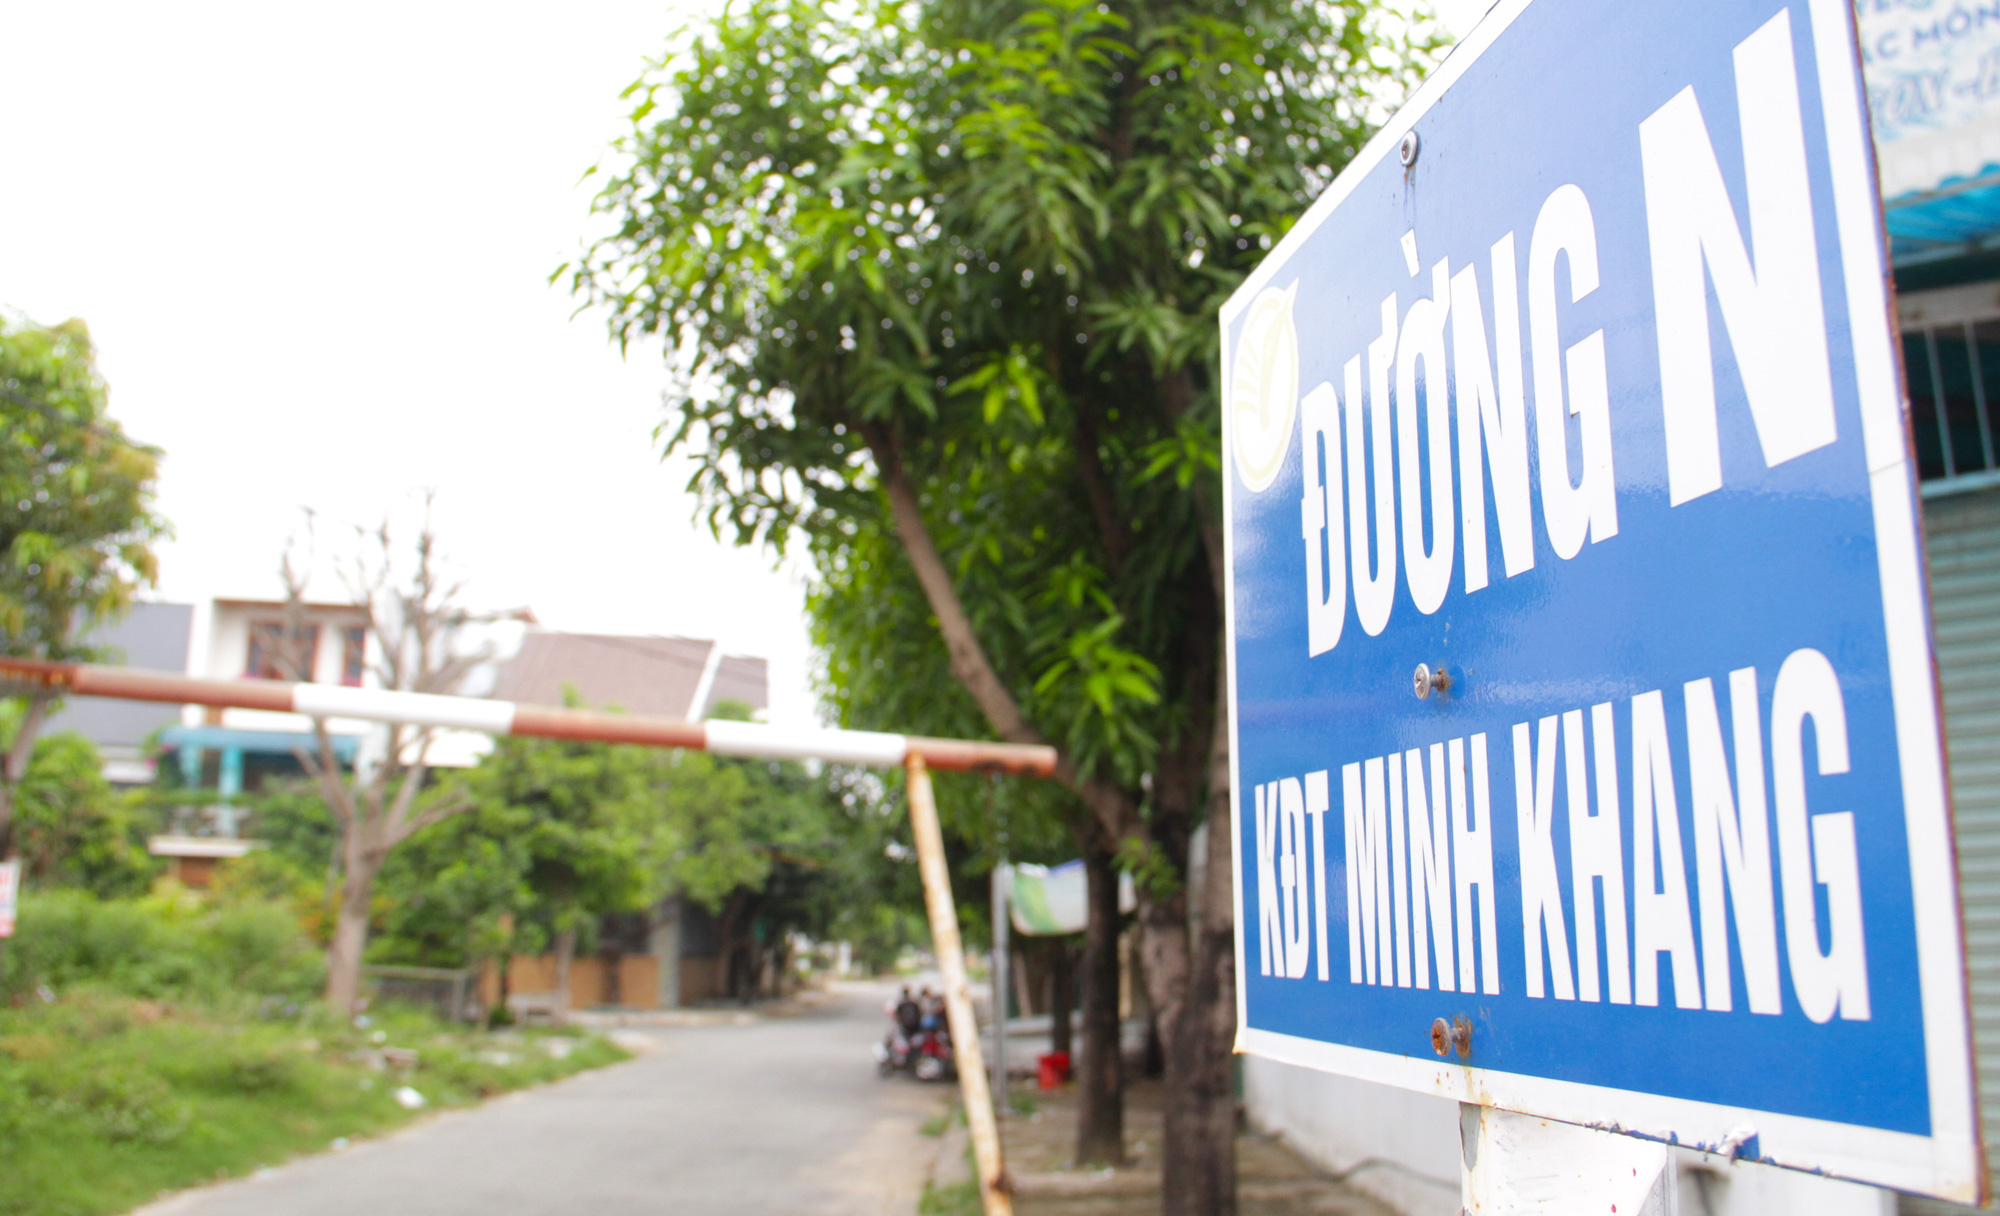 Cận cảnh khu đô thị vip ở Nghệ An khiến 2 vợ chồng đại gia bị bắt giam - Ảnh 5.